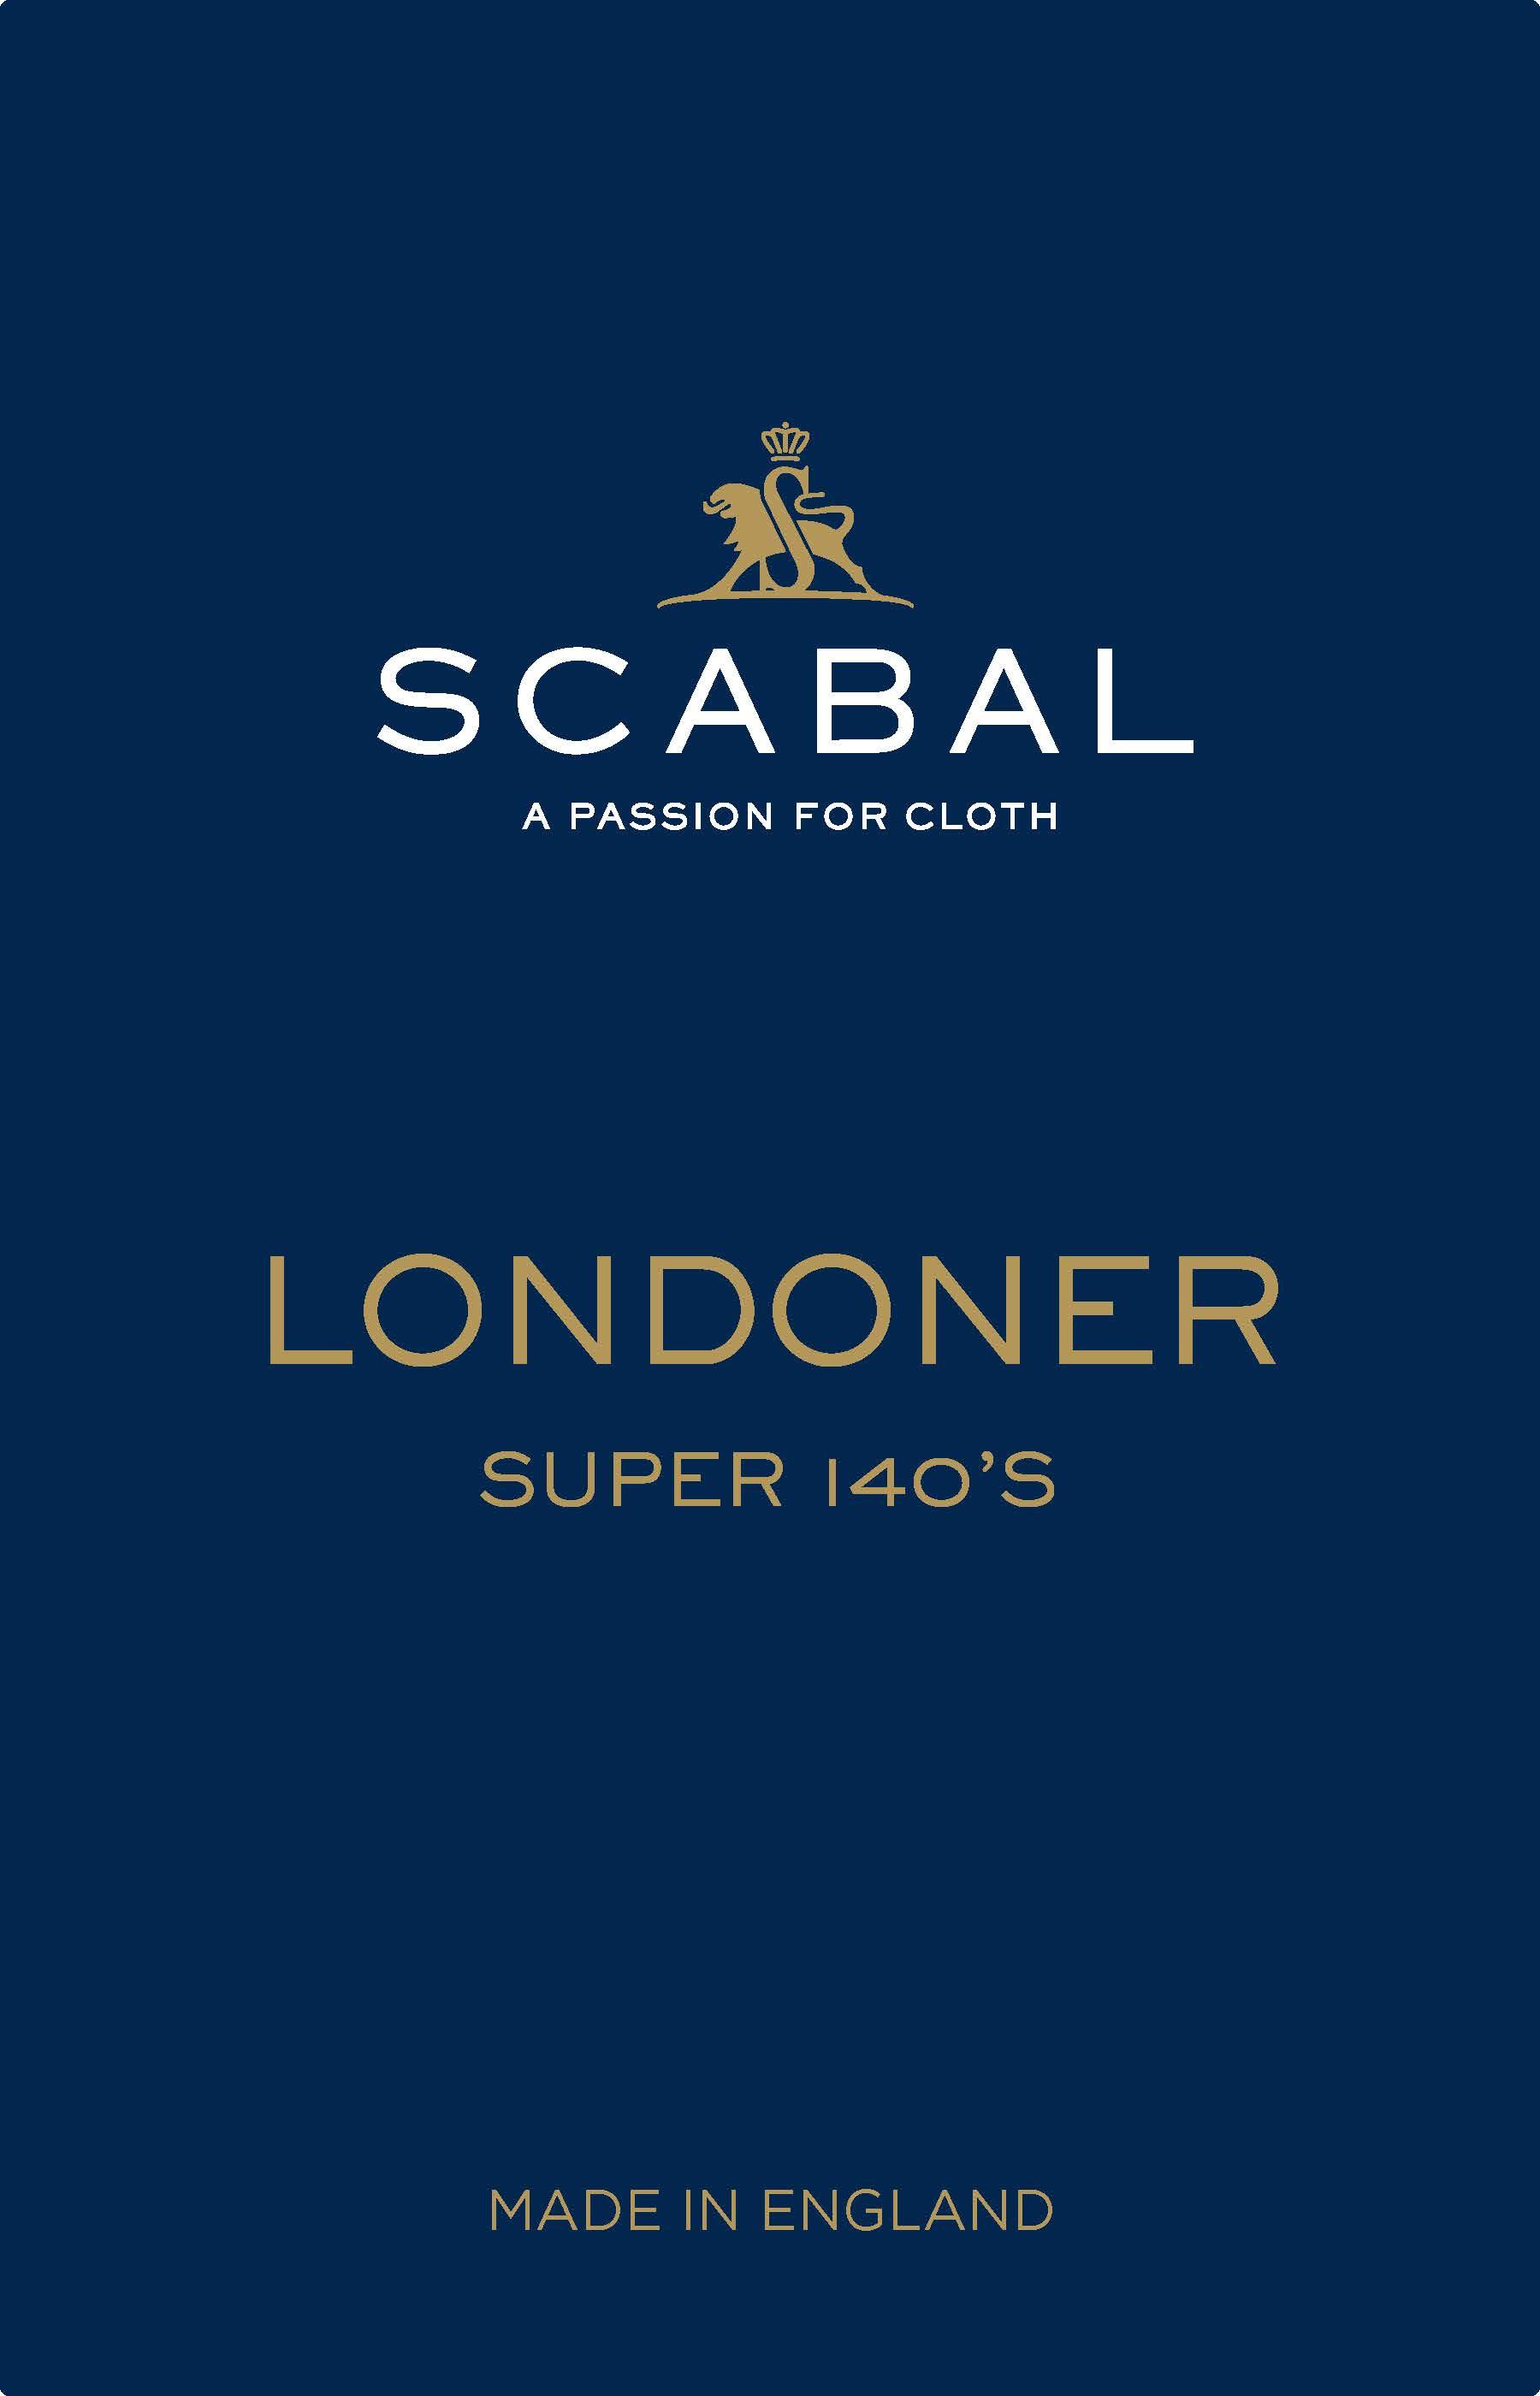 digital_collection_scabal_londoner.jpg